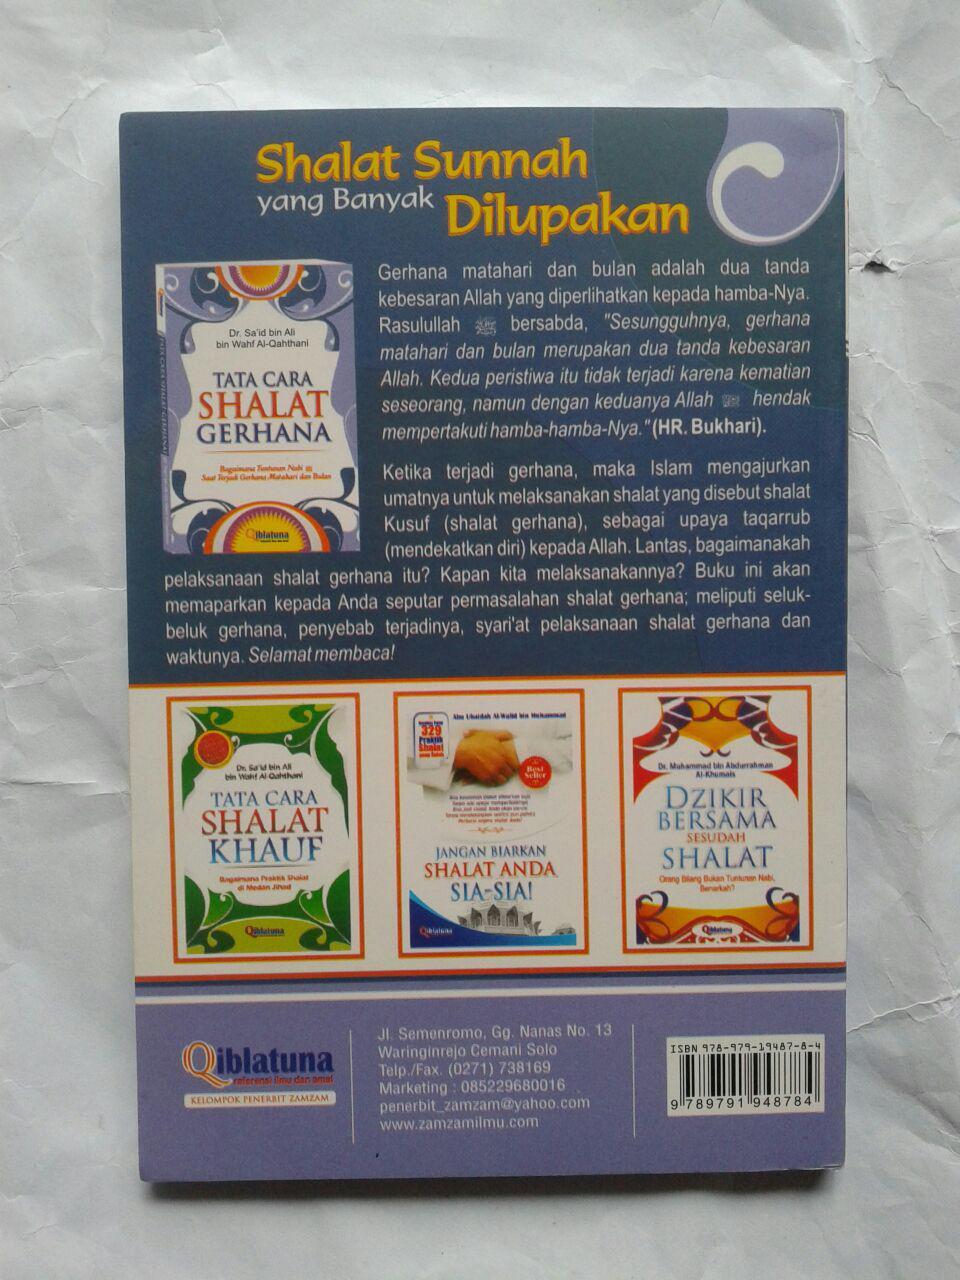 Buku Tata Cara Shalat Gerhana 18,500 15% 15,725 cover